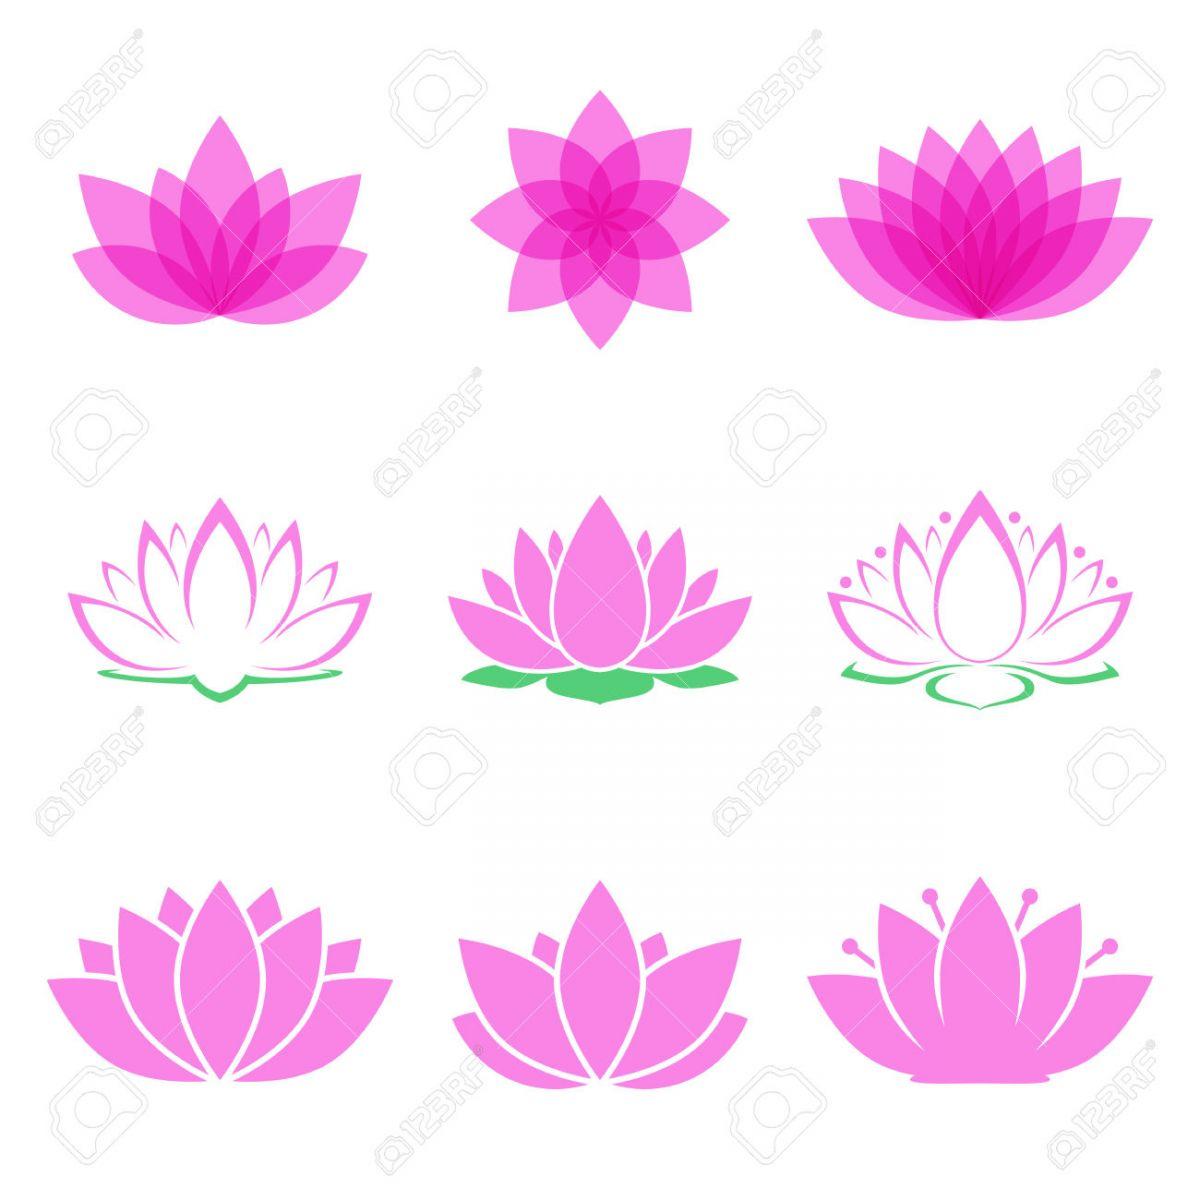 Những Mẫu logo hoa sen đẹp sau đây sẽ giúp bạn có cho mình ý tưởng thiết kế Logo đẹp mắt sáng tạo độc đáo mang đầy ý nghĩa.